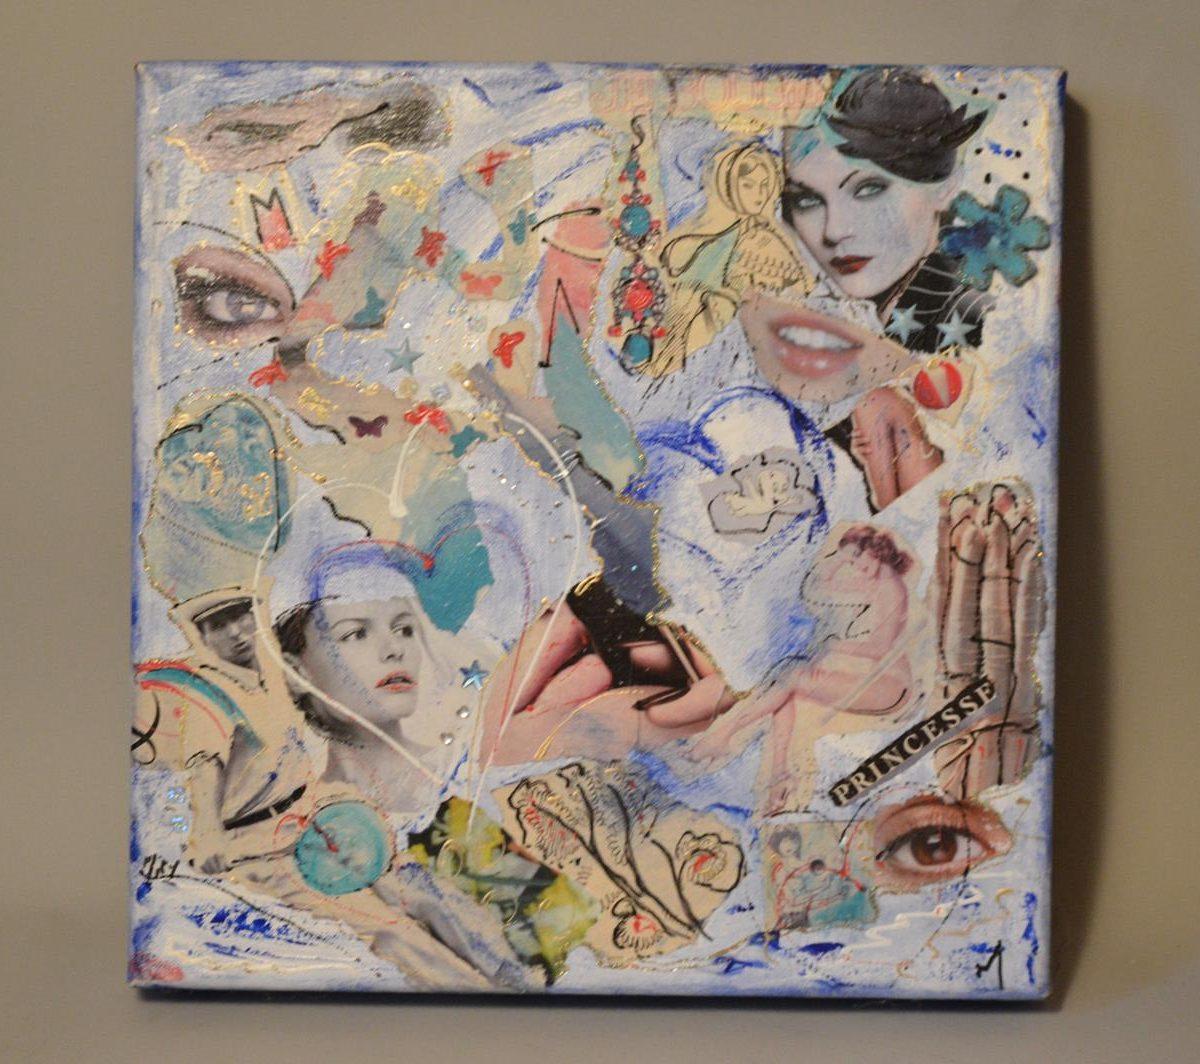 Miry HUYGHE – Tableau – Composition – peinture et collages sur Toile